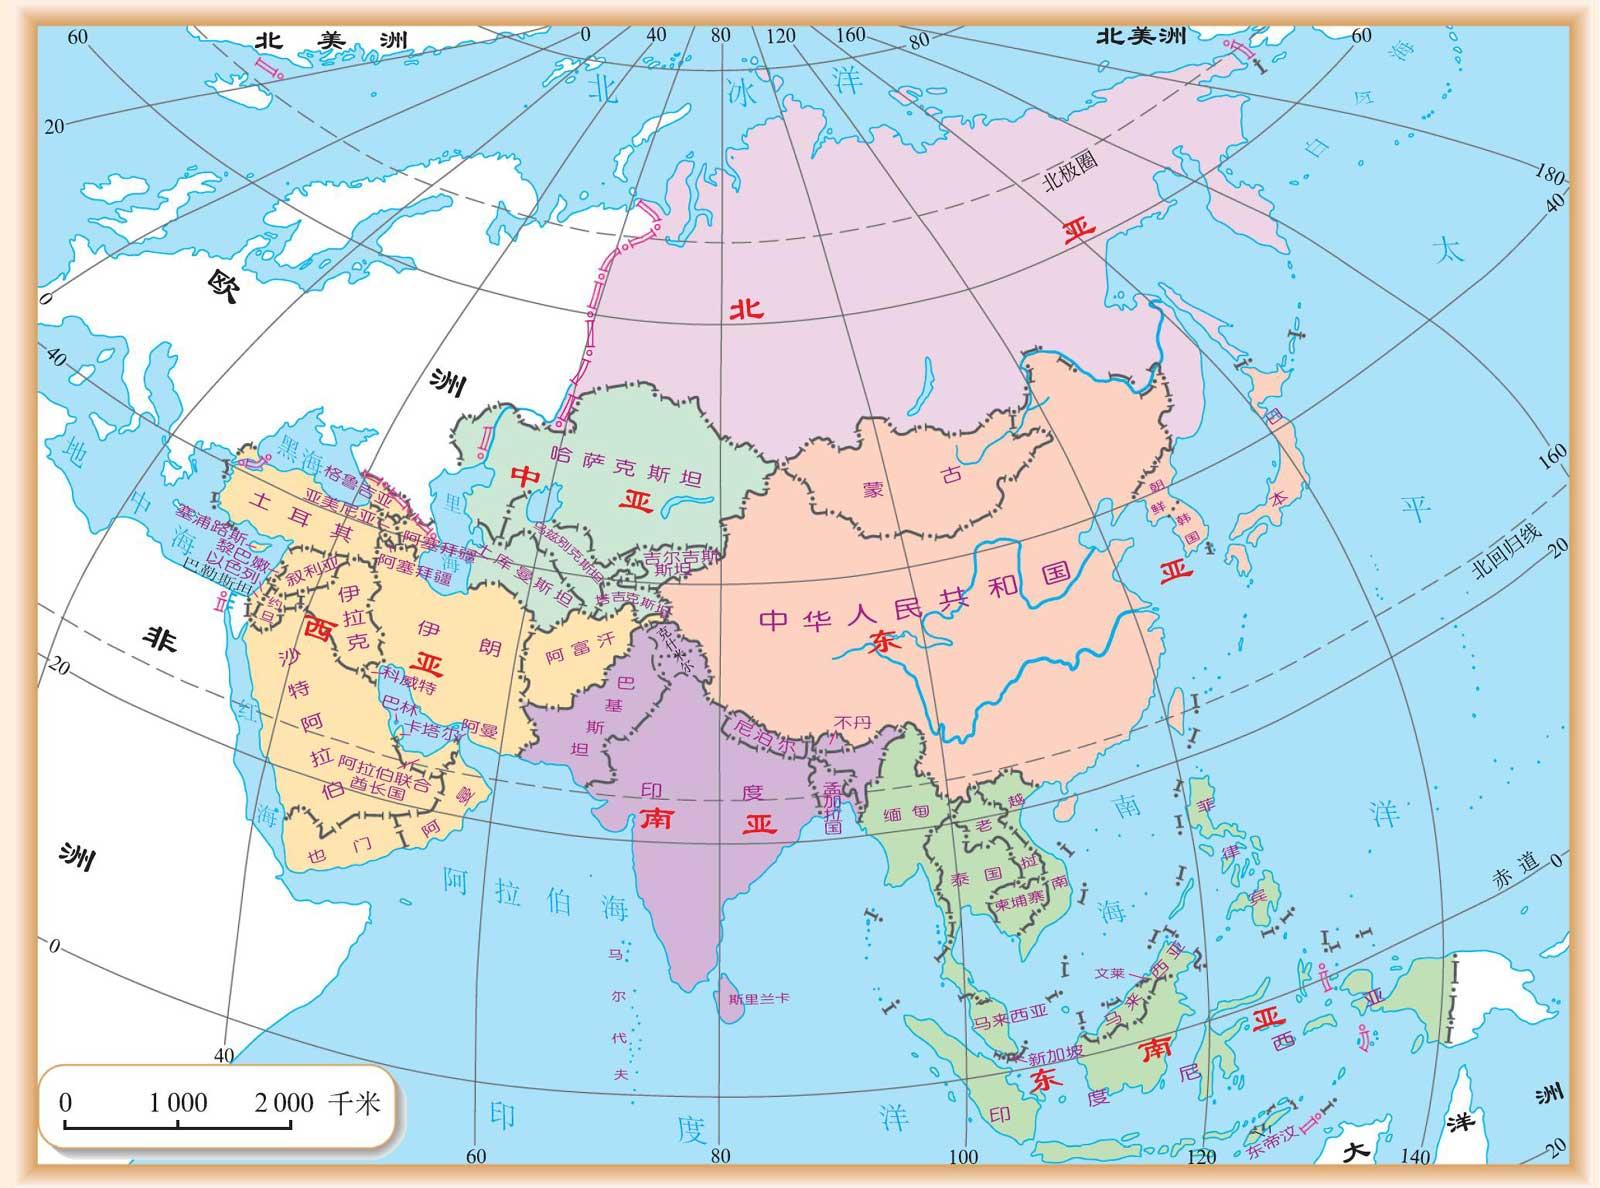 沙特阿拉伯国家地图_亚洲地图中文版全图下载-亚洲地图高清版大图下载完整电子版-当 ...